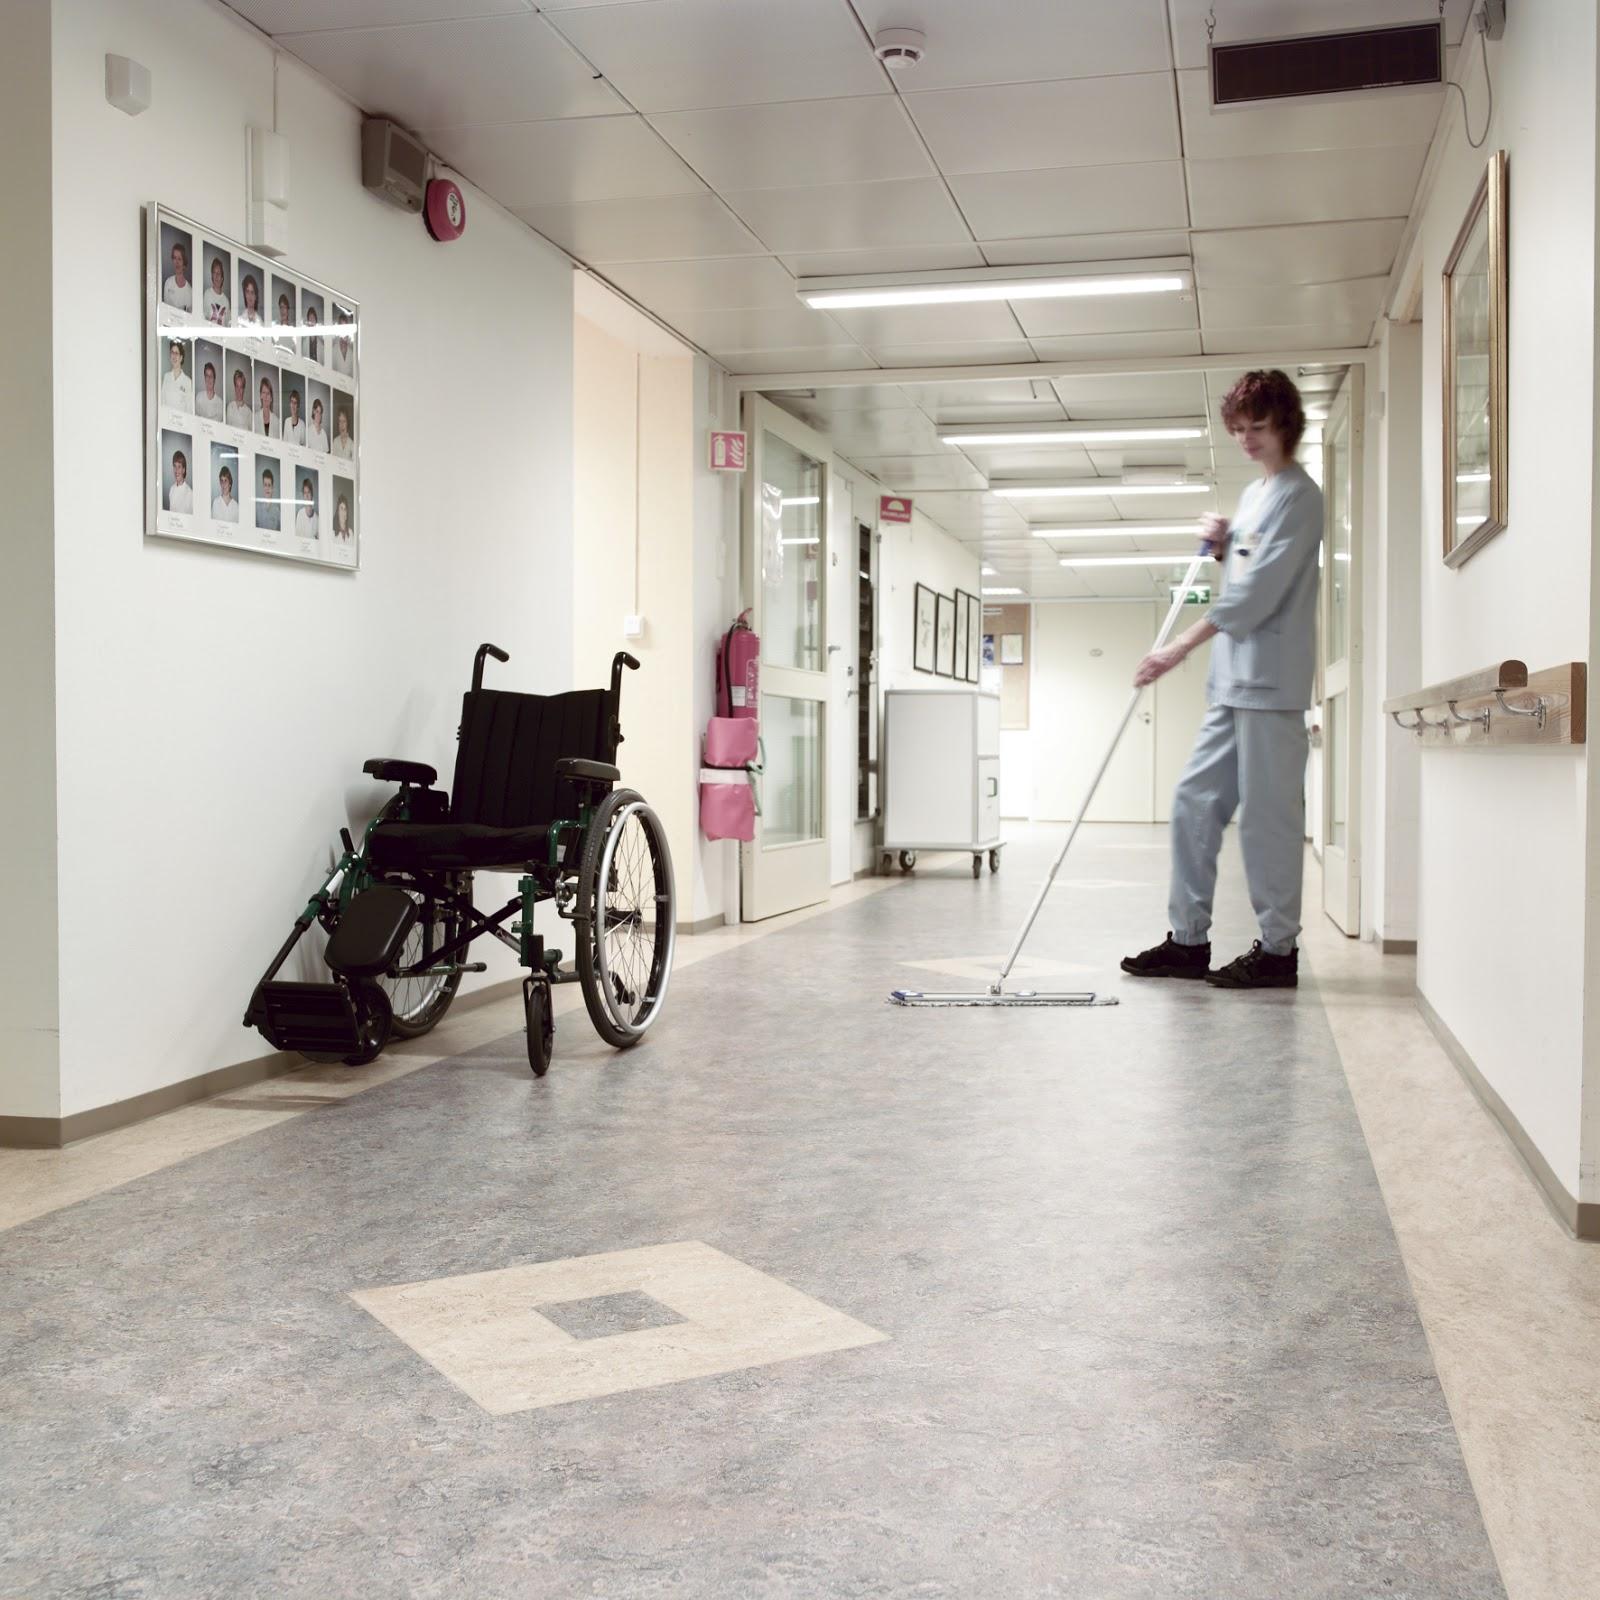 Manual de instalaci n de pavimentos las claves para el - Suelo de linoleo ...